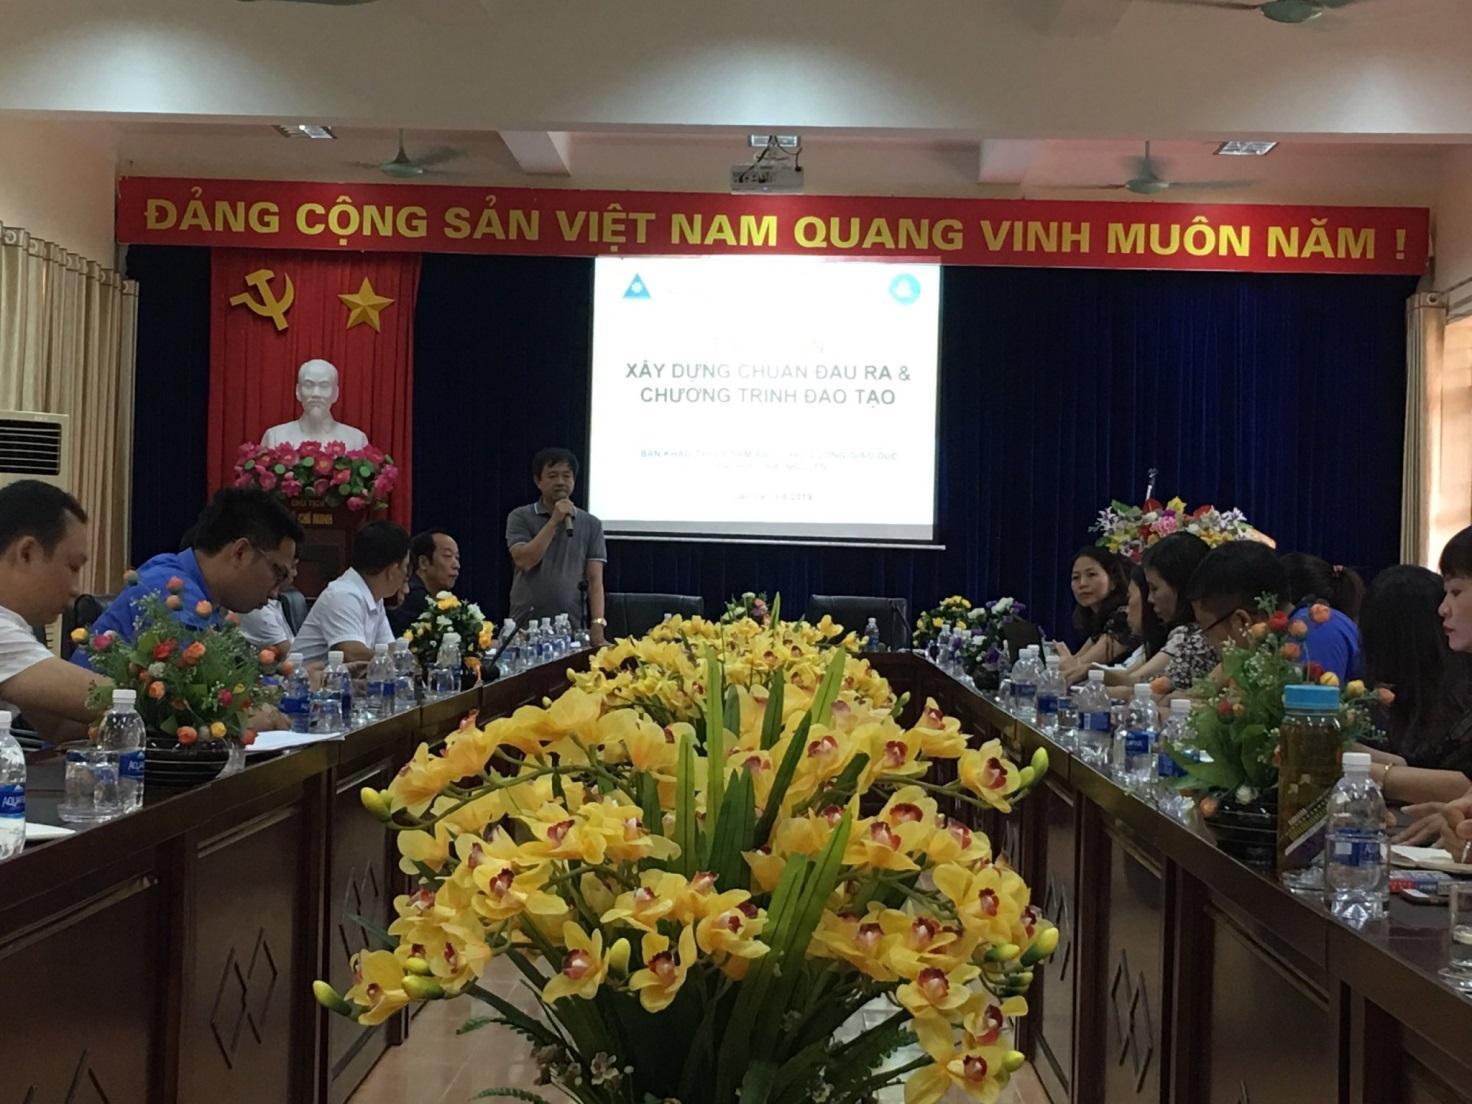 Hội nghị tập huấn xây dựng chuẩn đầu ra các ngành đào tạo của Phân hiệu Đại học Thái Nguyên tại tỉnh Lào Cai đáp ứng nhu cầu xã hội